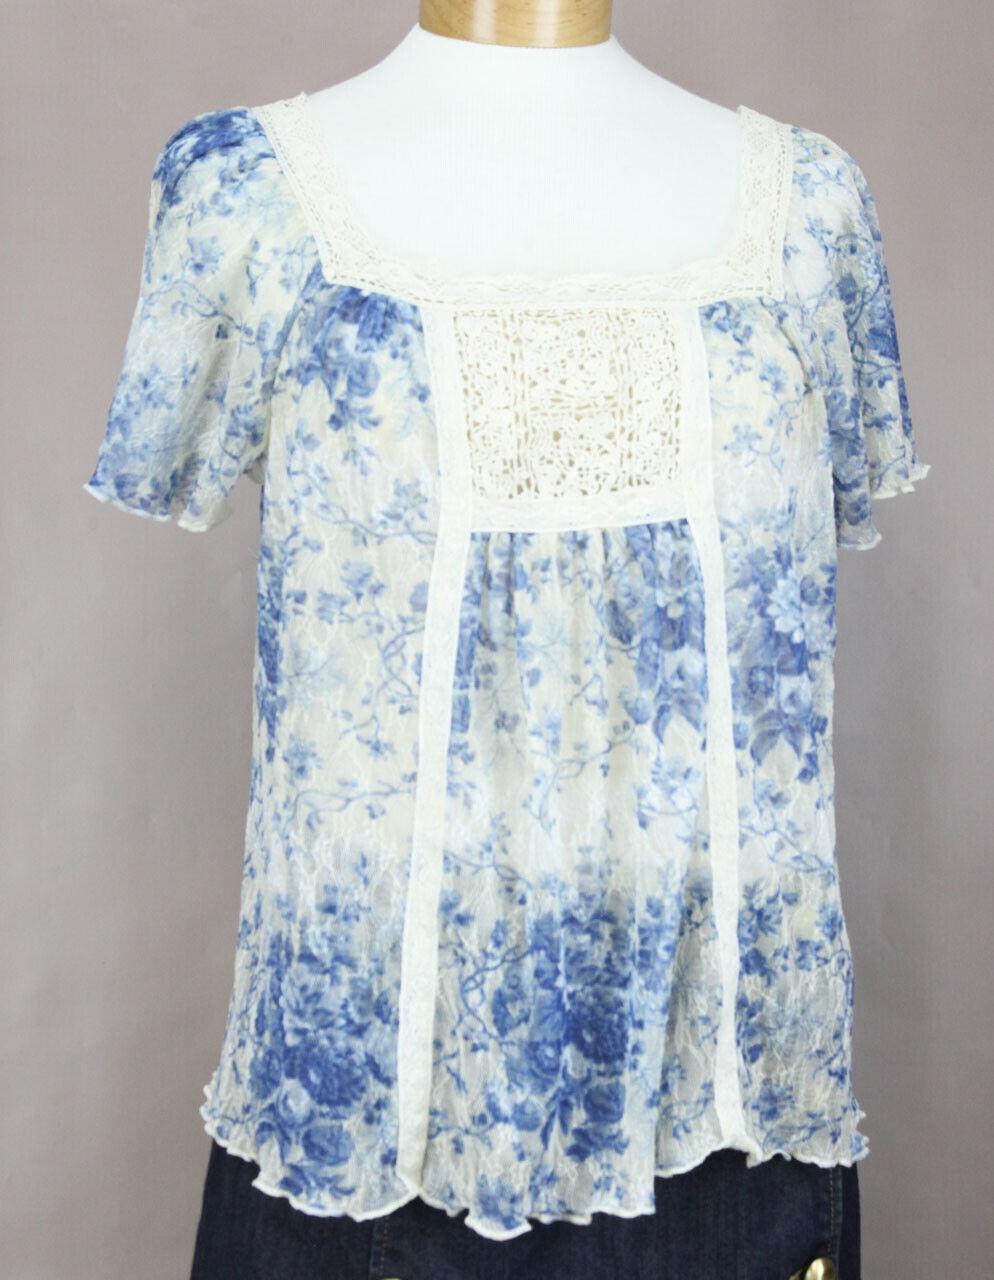 Ralph Lauren Denim & Versorgung Damen Blau Durchsichtiges Blaumenmuster